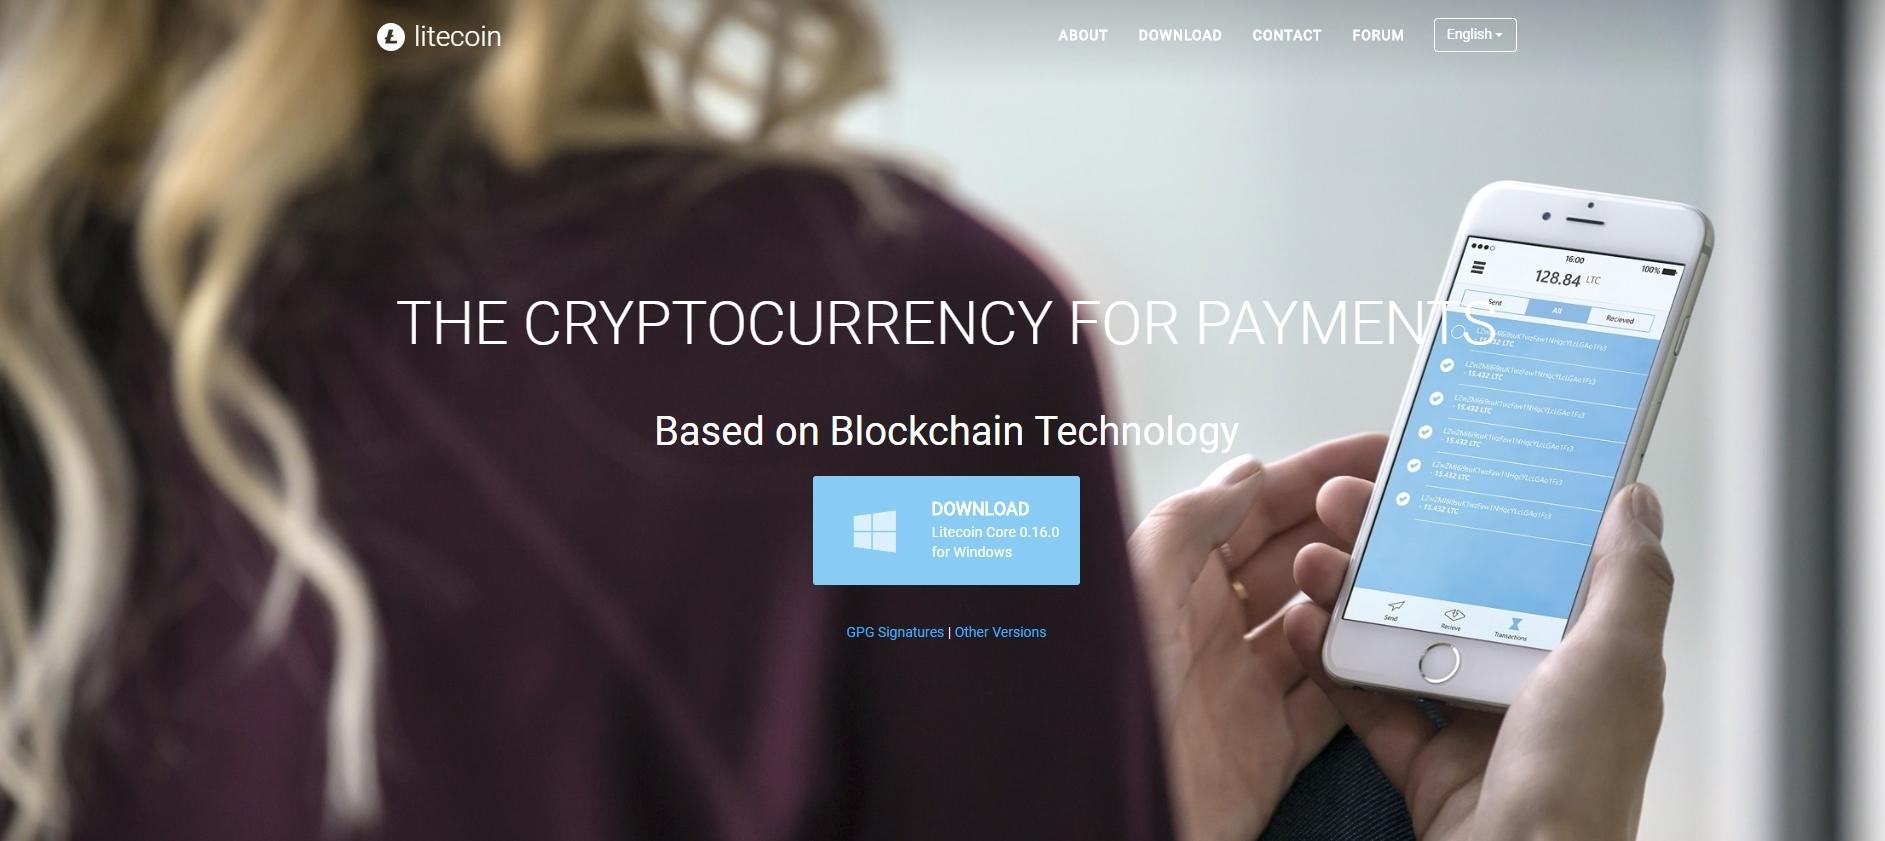 Litecoin.org Screenshot